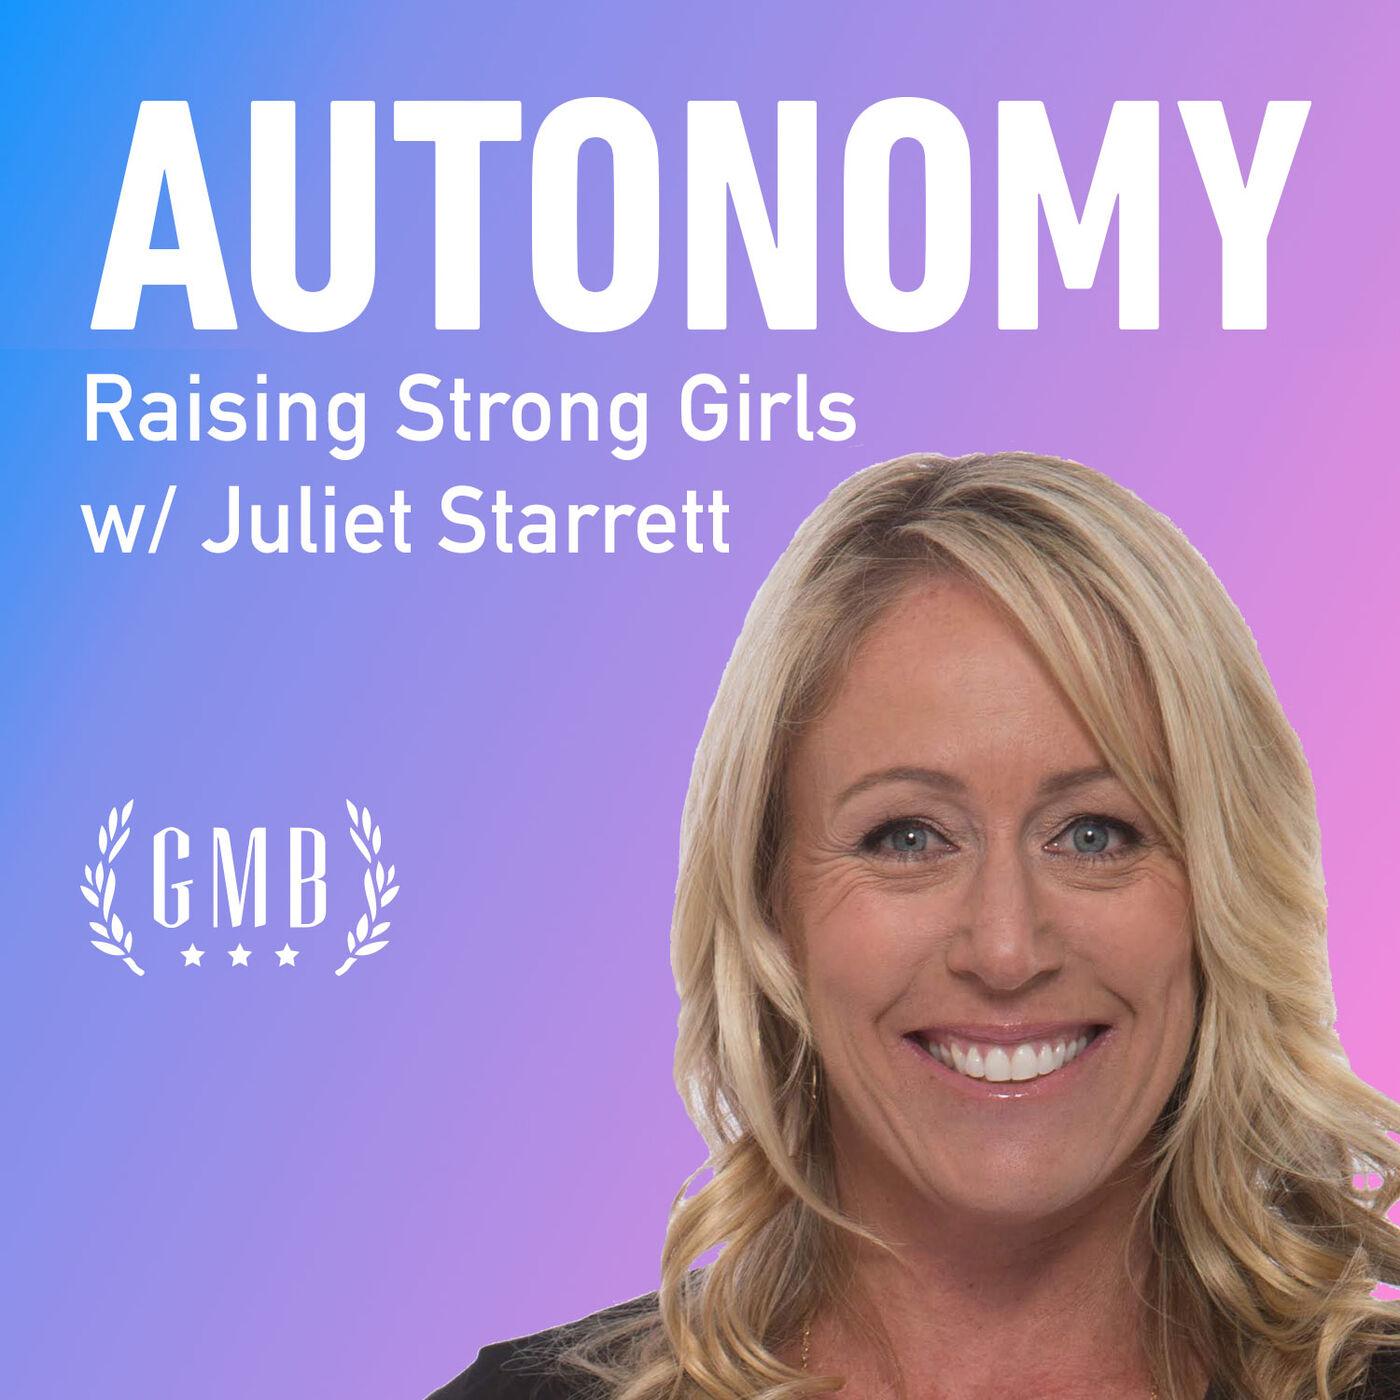 Raising Strong Girls, Part 2 (Juliet Starrett)